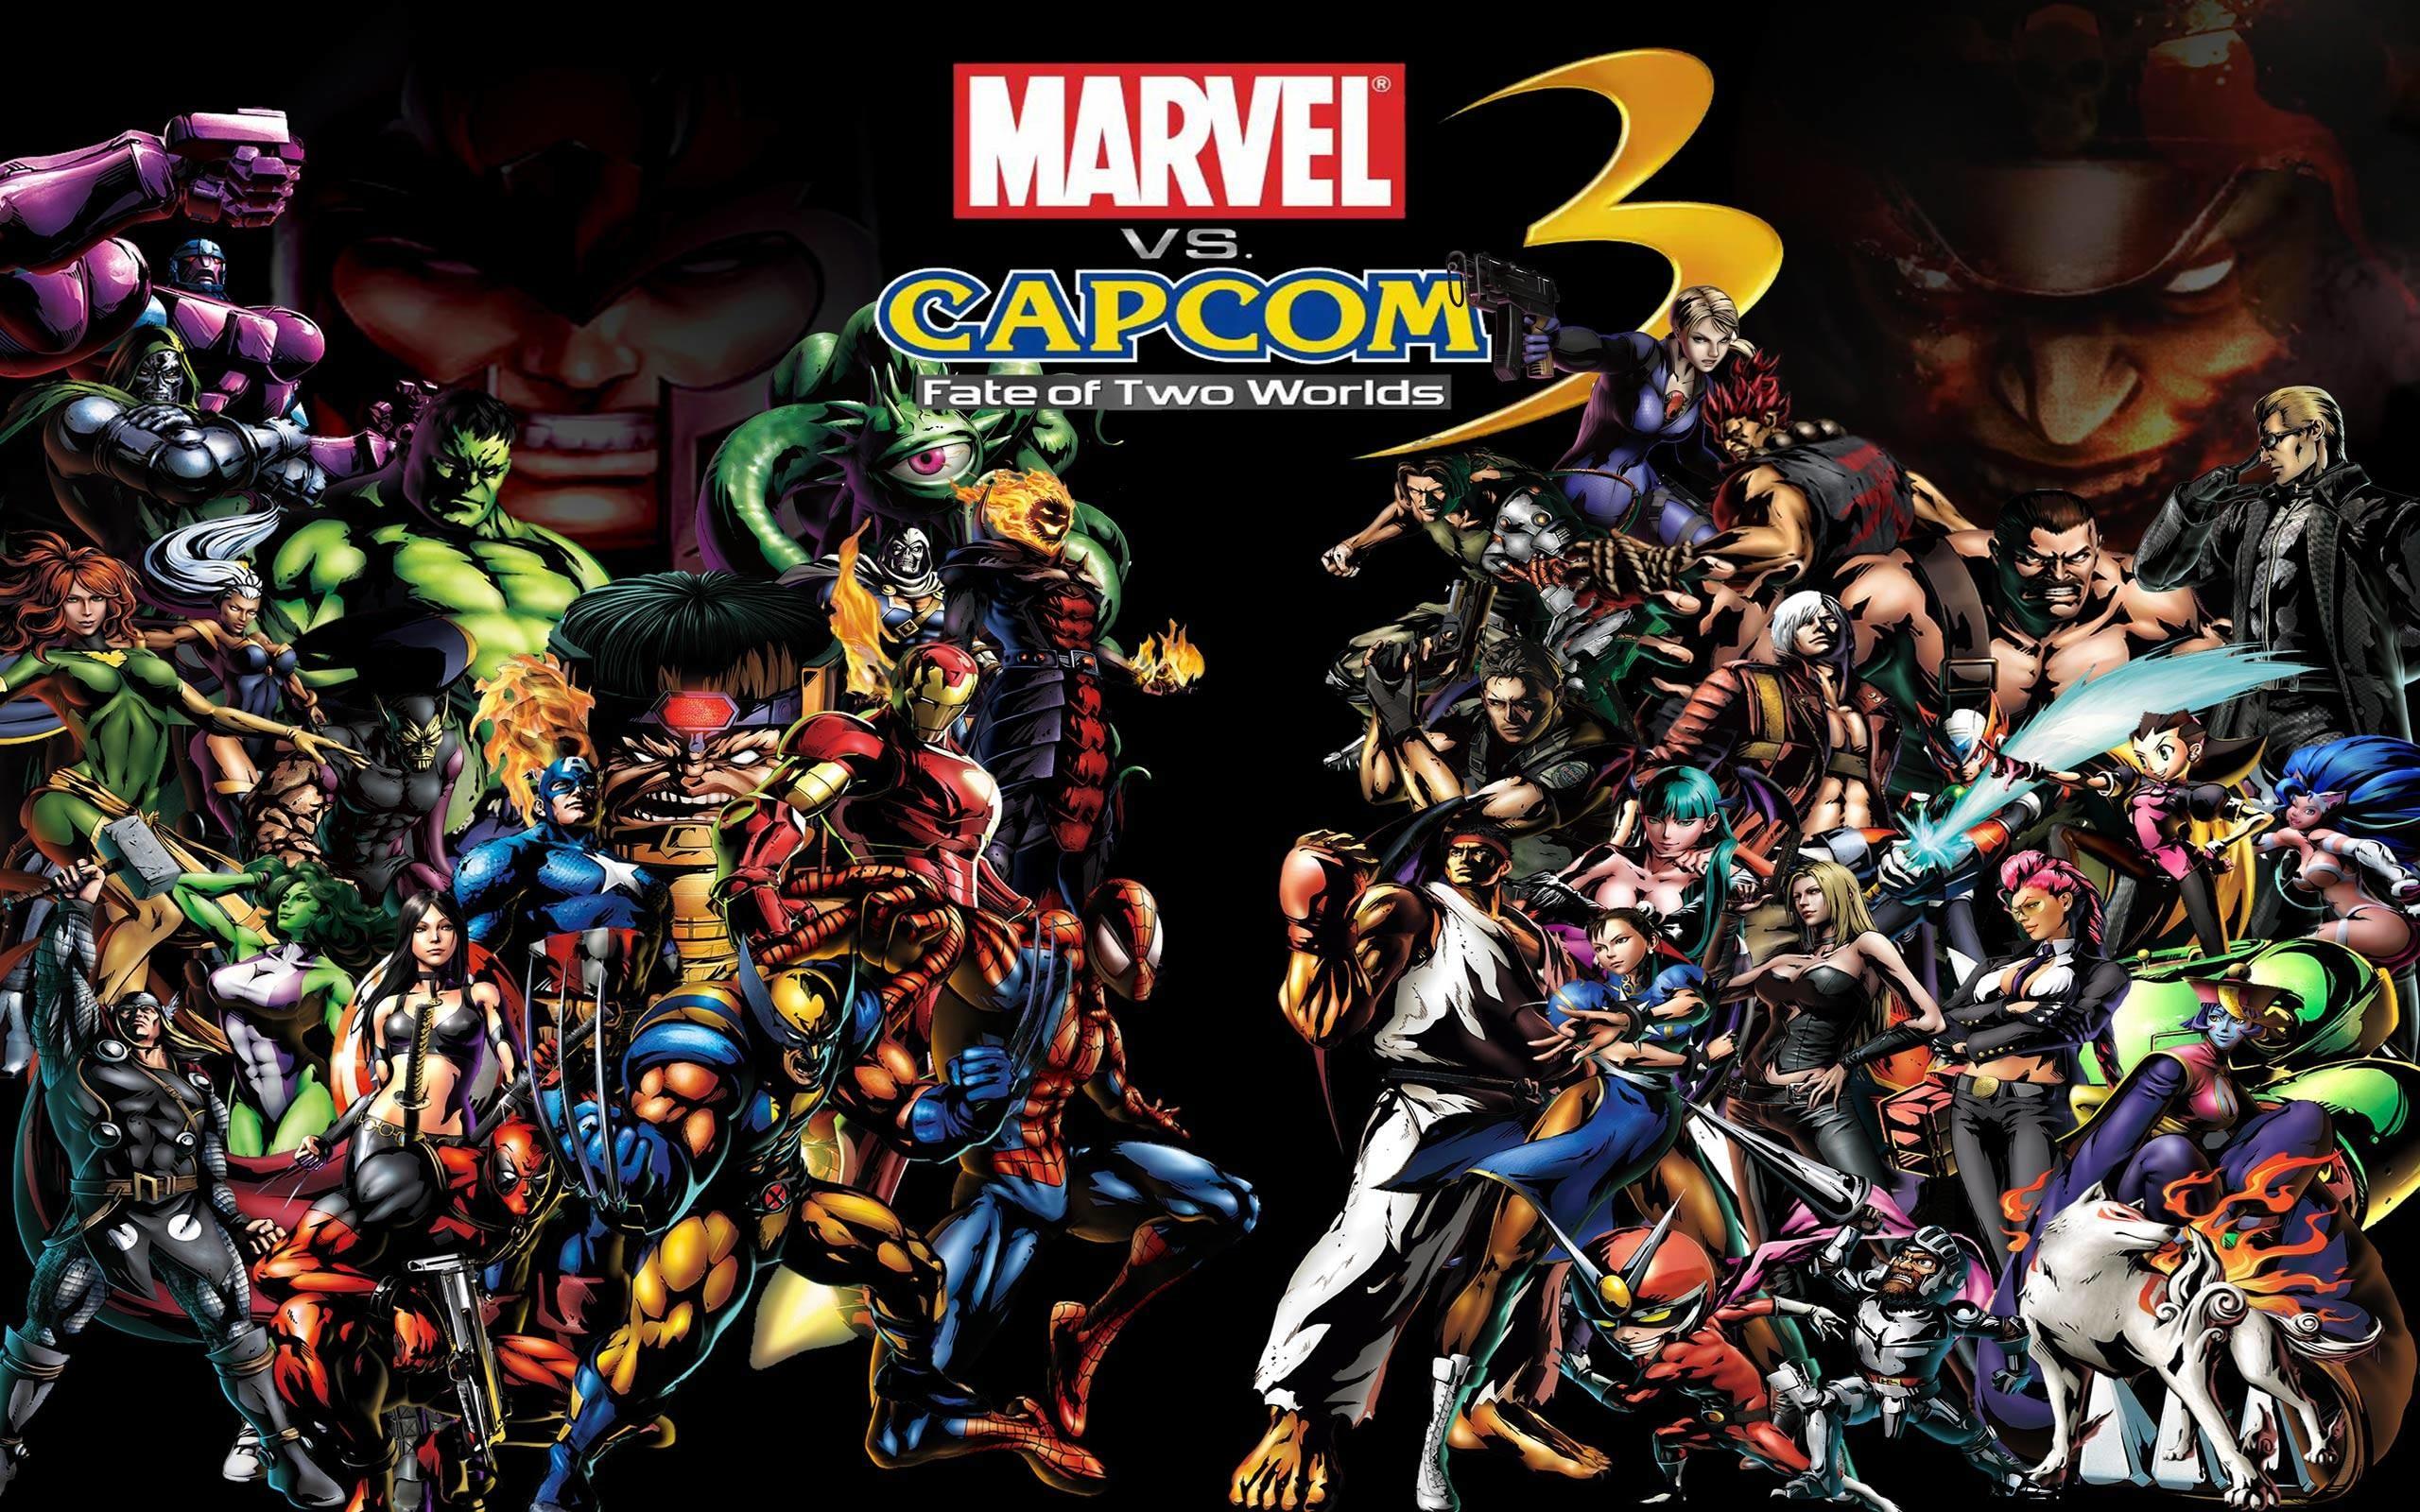 Marvel Vs Capcom Wallpaper 64 Images